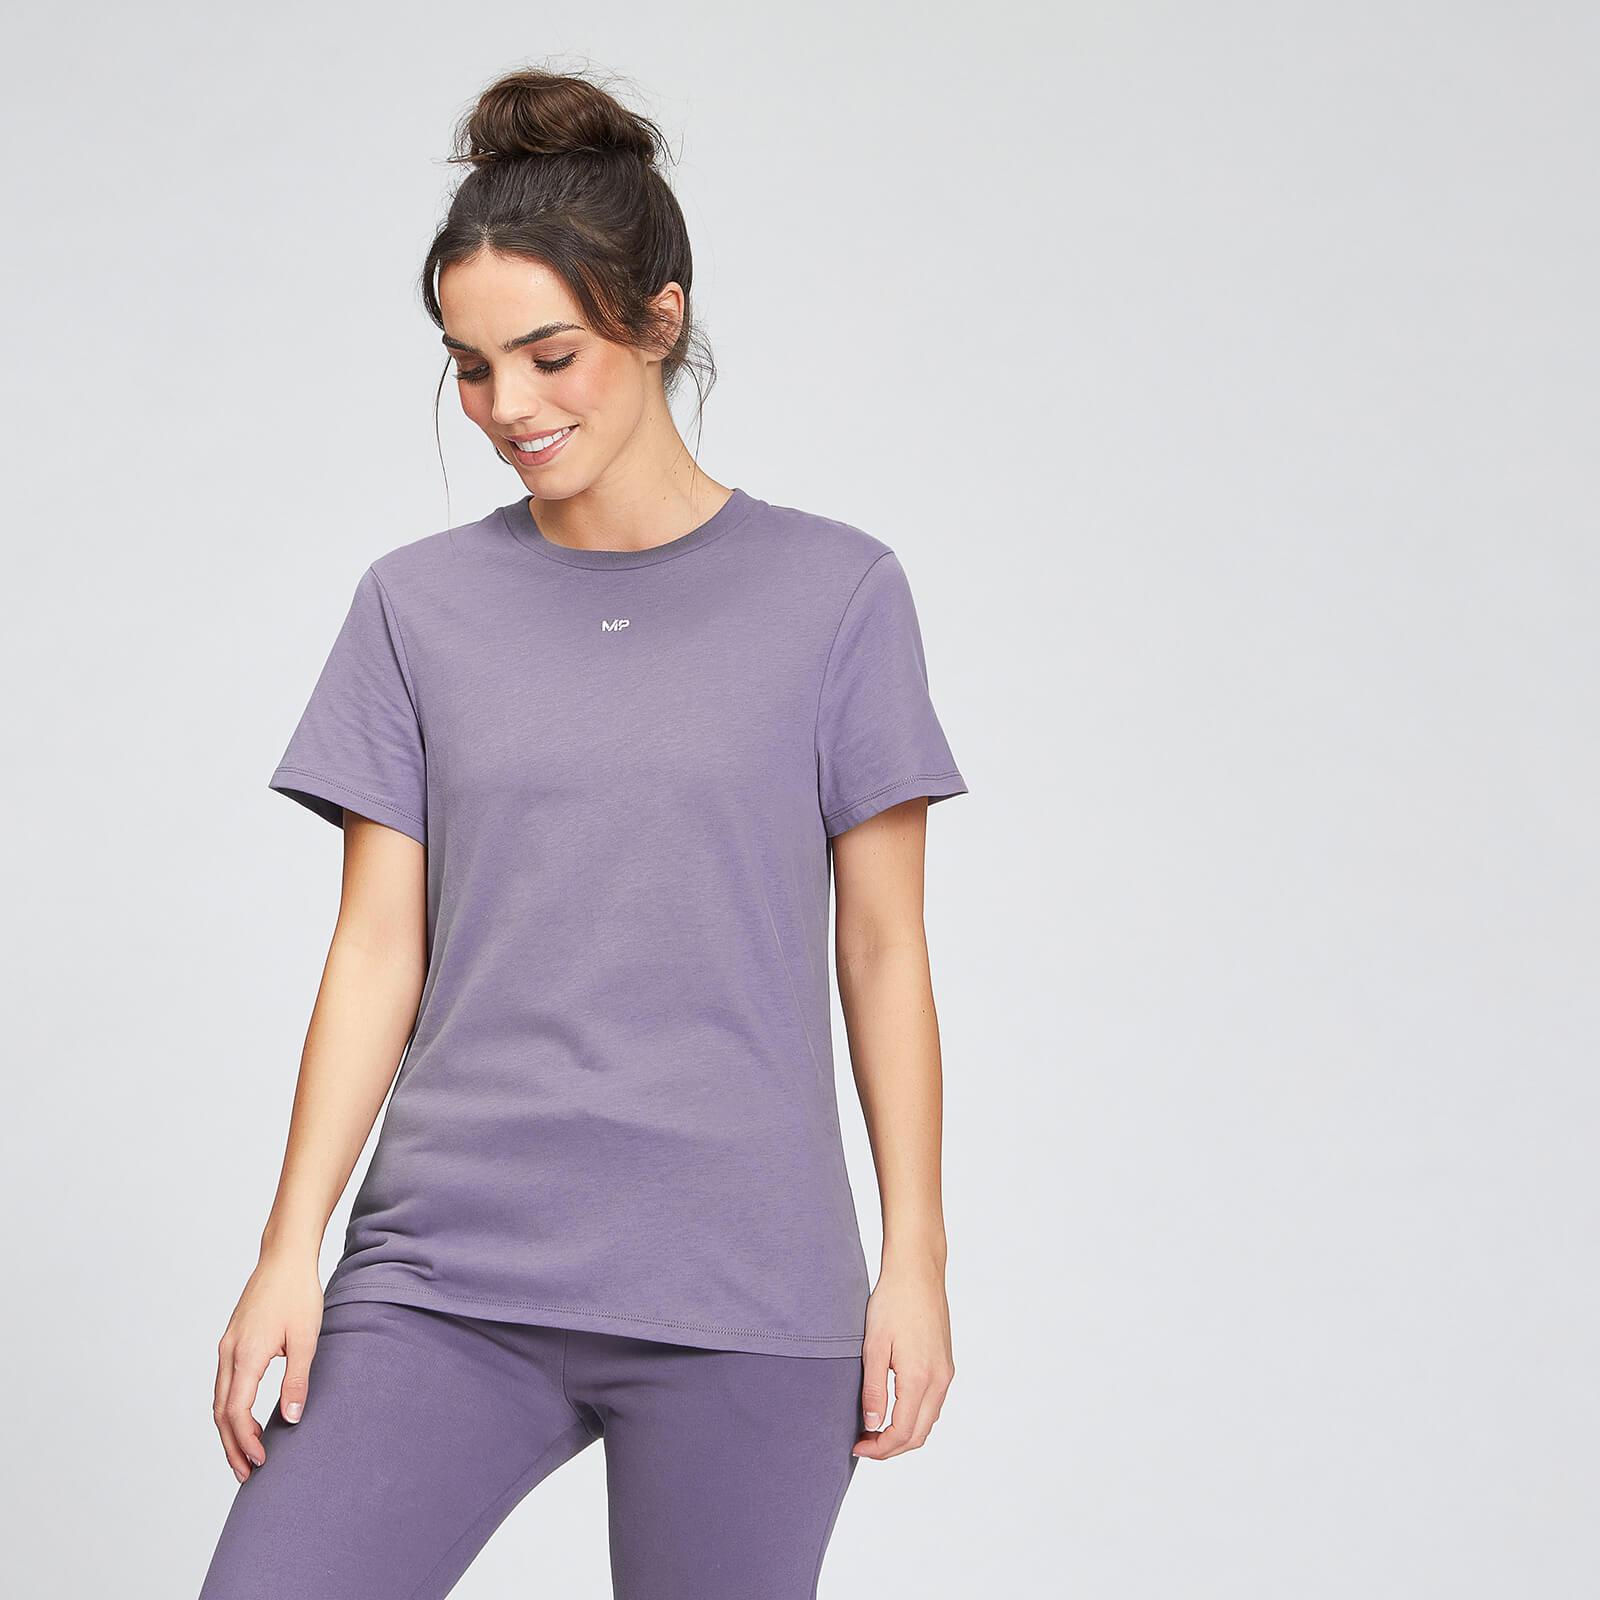 Купить MP Essentials Women's T-Shirt - Smokey Purple - XL, Myprotein International